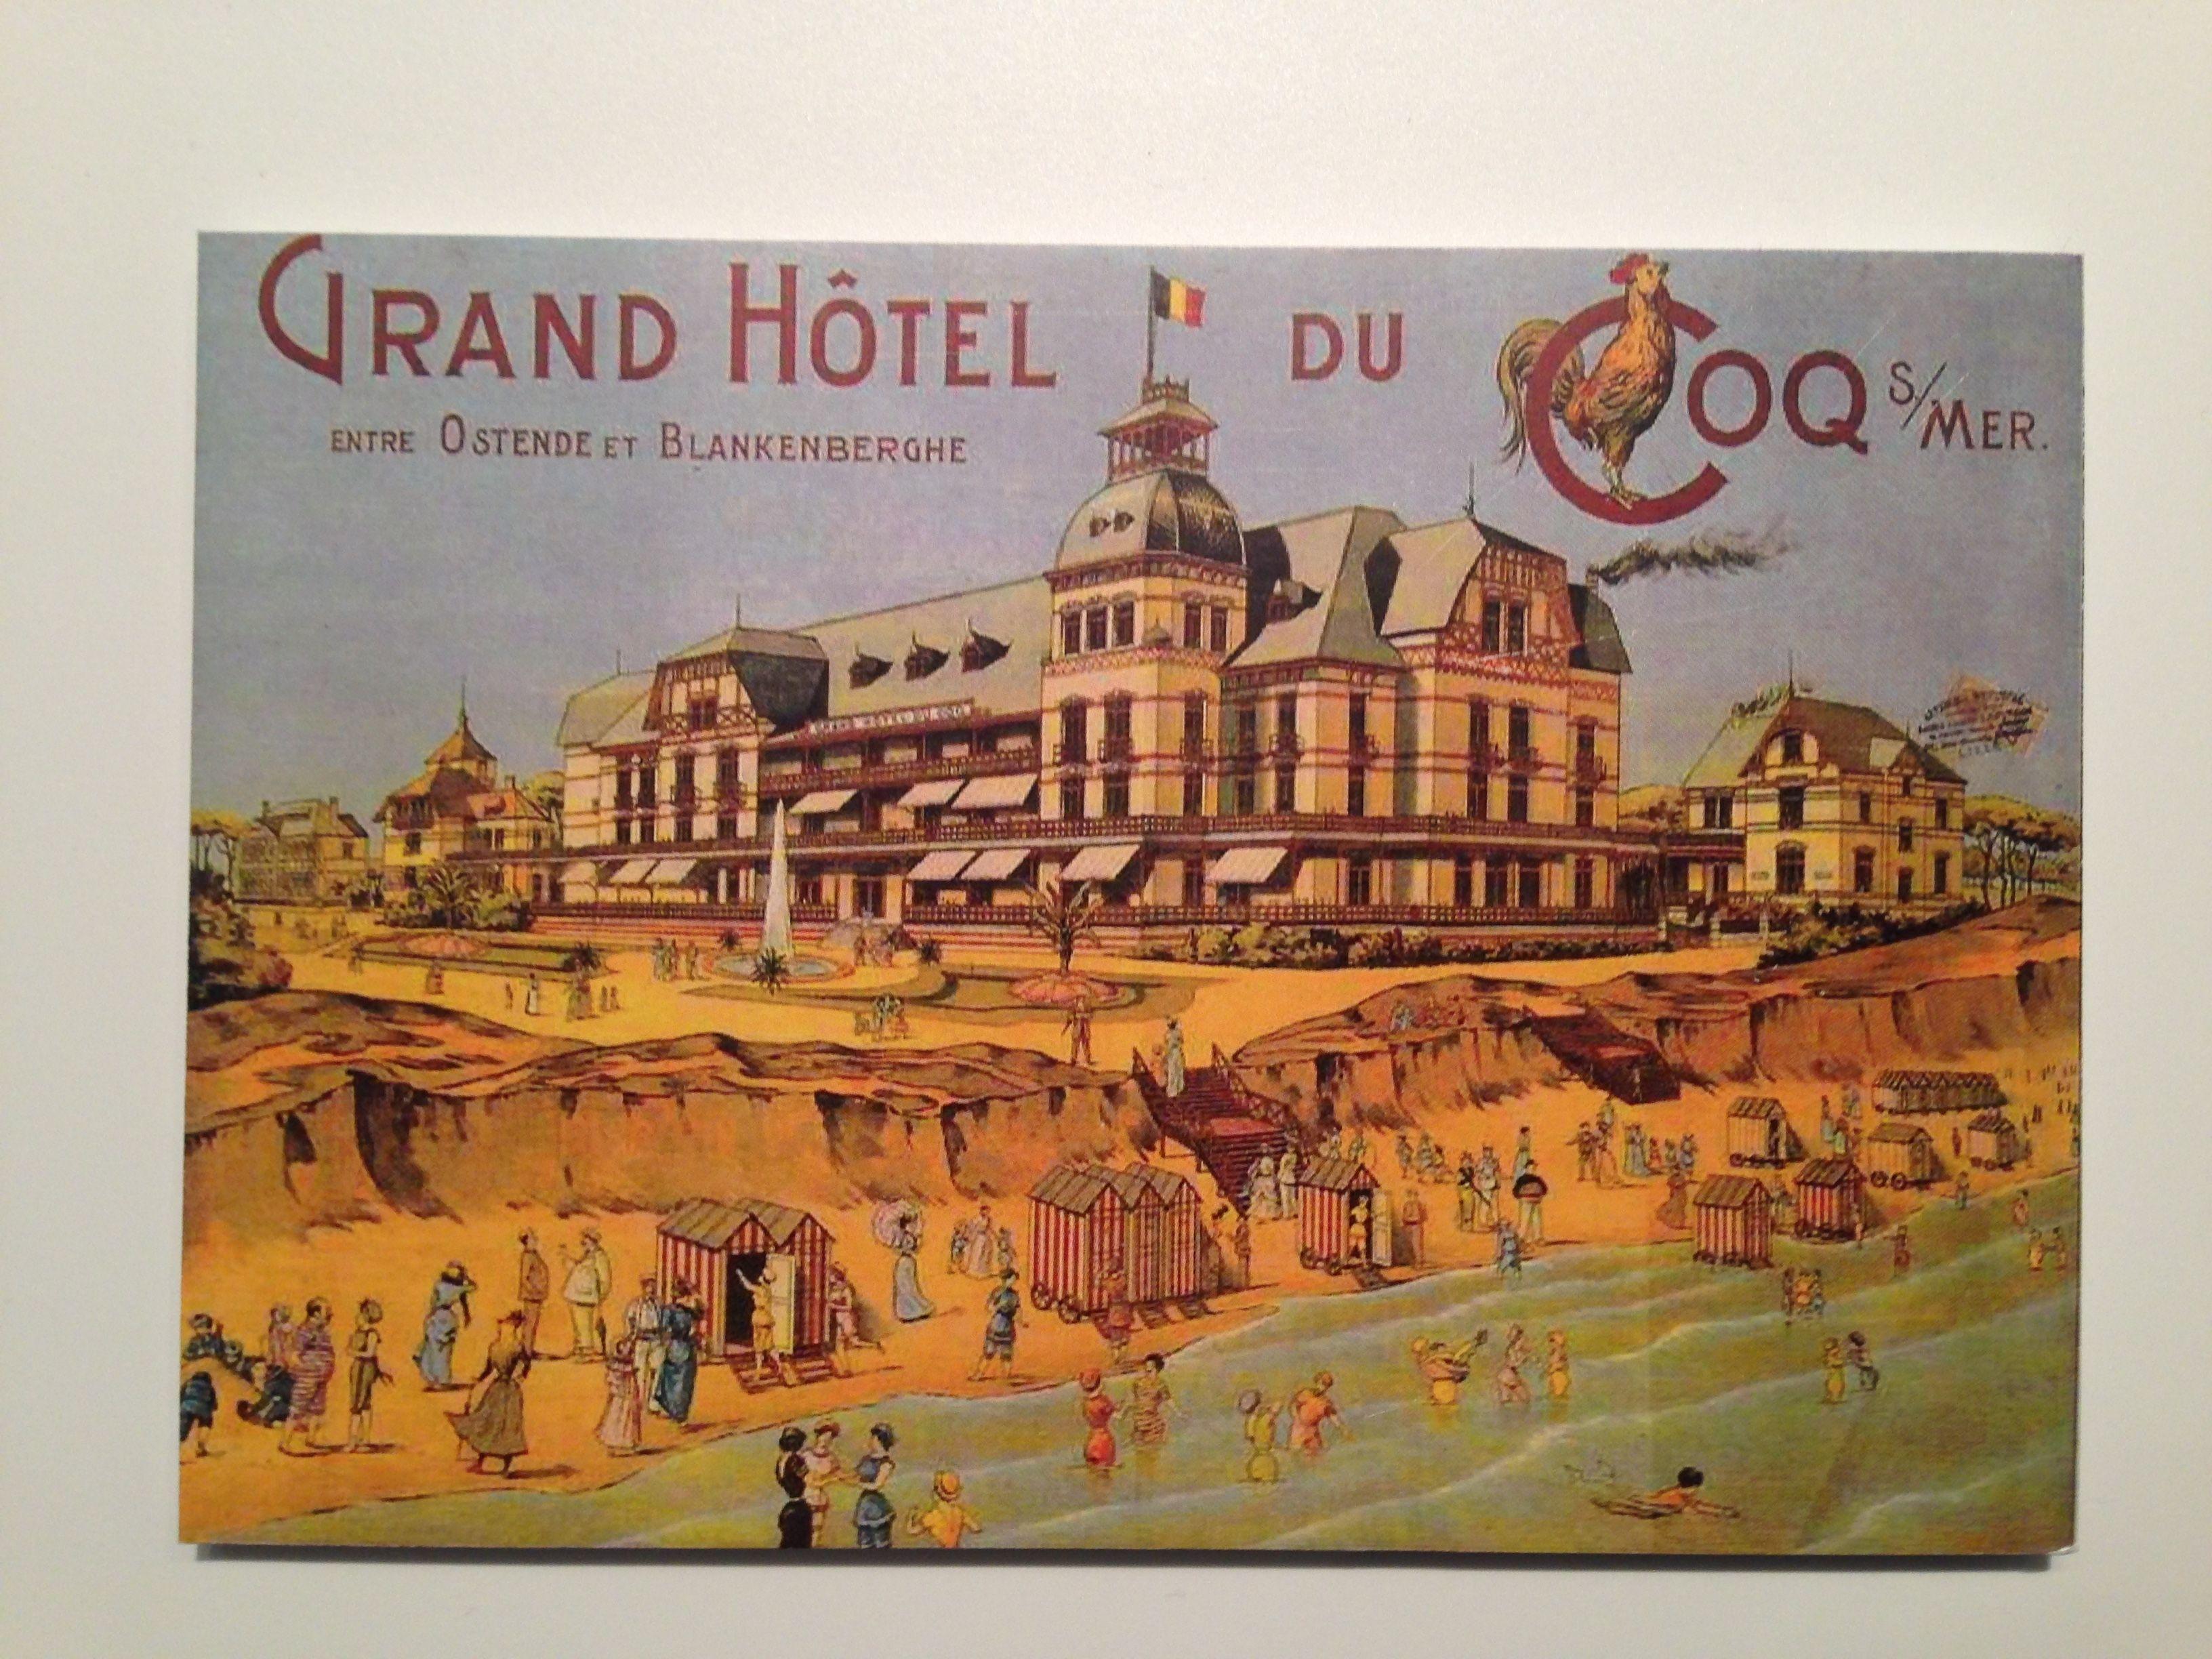 pingl par christelle guidez sur affiches vintage de la c te belge pinterest affiche. Black Bedroom Furniture Sets. Home Design Ideas